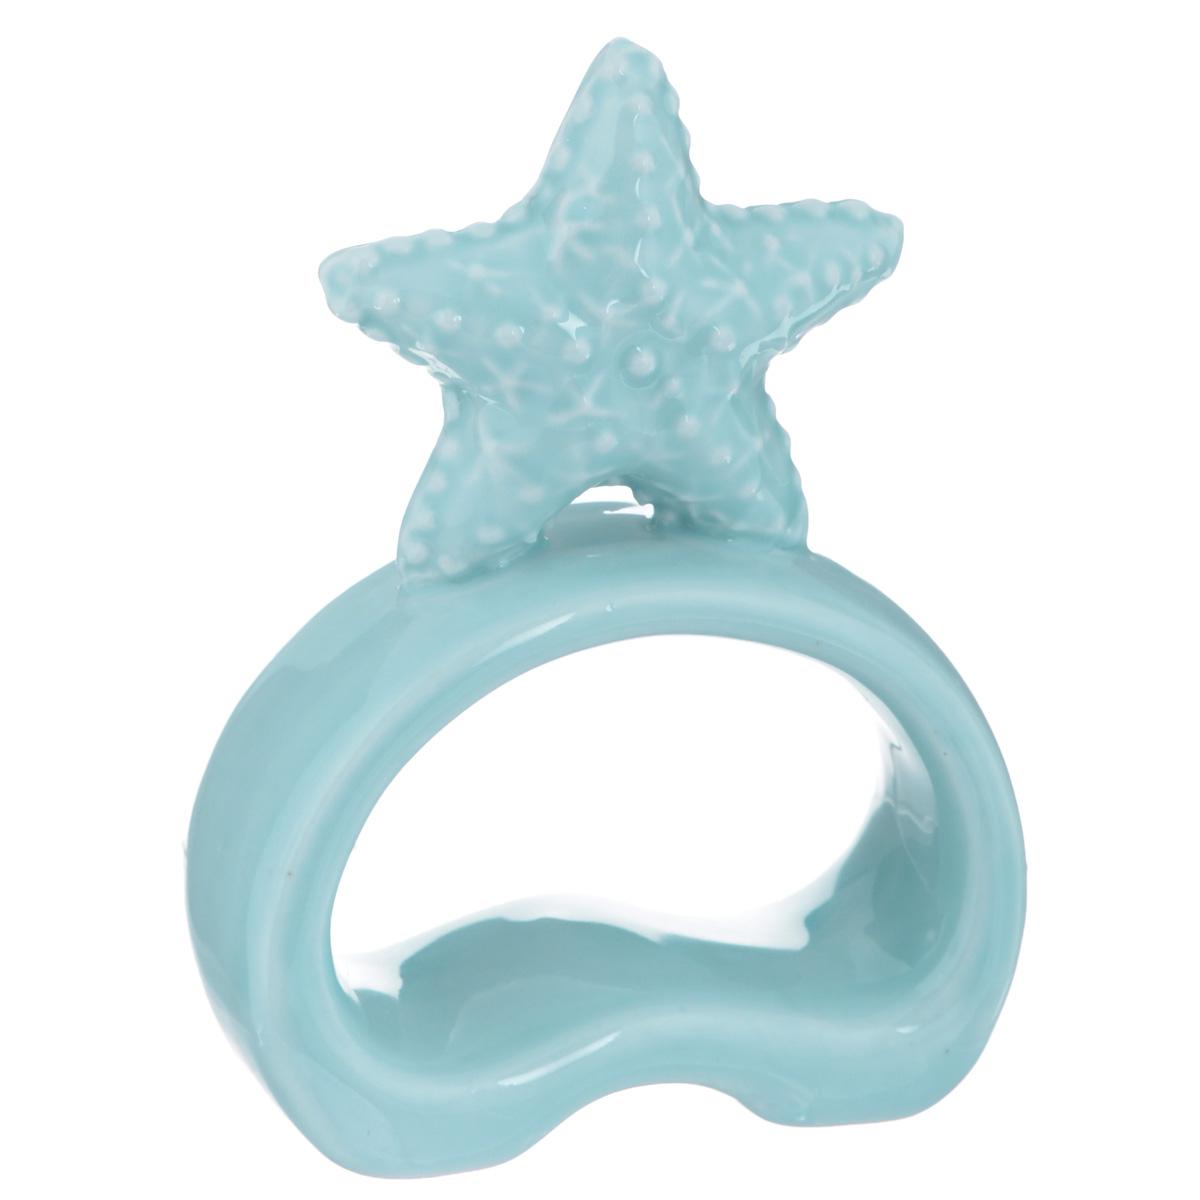 Фигурка декоративная Морская звезда, цвет: голубой, высота 10 см. 3676836768Декоративная фигурка Морская звезда изготовлена из высококачественного фаянса. Такая фигурка подойдет для декора интерьера дома или офиса.Вы можете поставить фигурку в любом месте, где она будет удачно смотреться и радовать глаз. Декоративная фигурка Морская звезда - это отличный вариант подарка для ваших близких и друзей. Размер фигурки: 7 см х 3 см х 10 см.